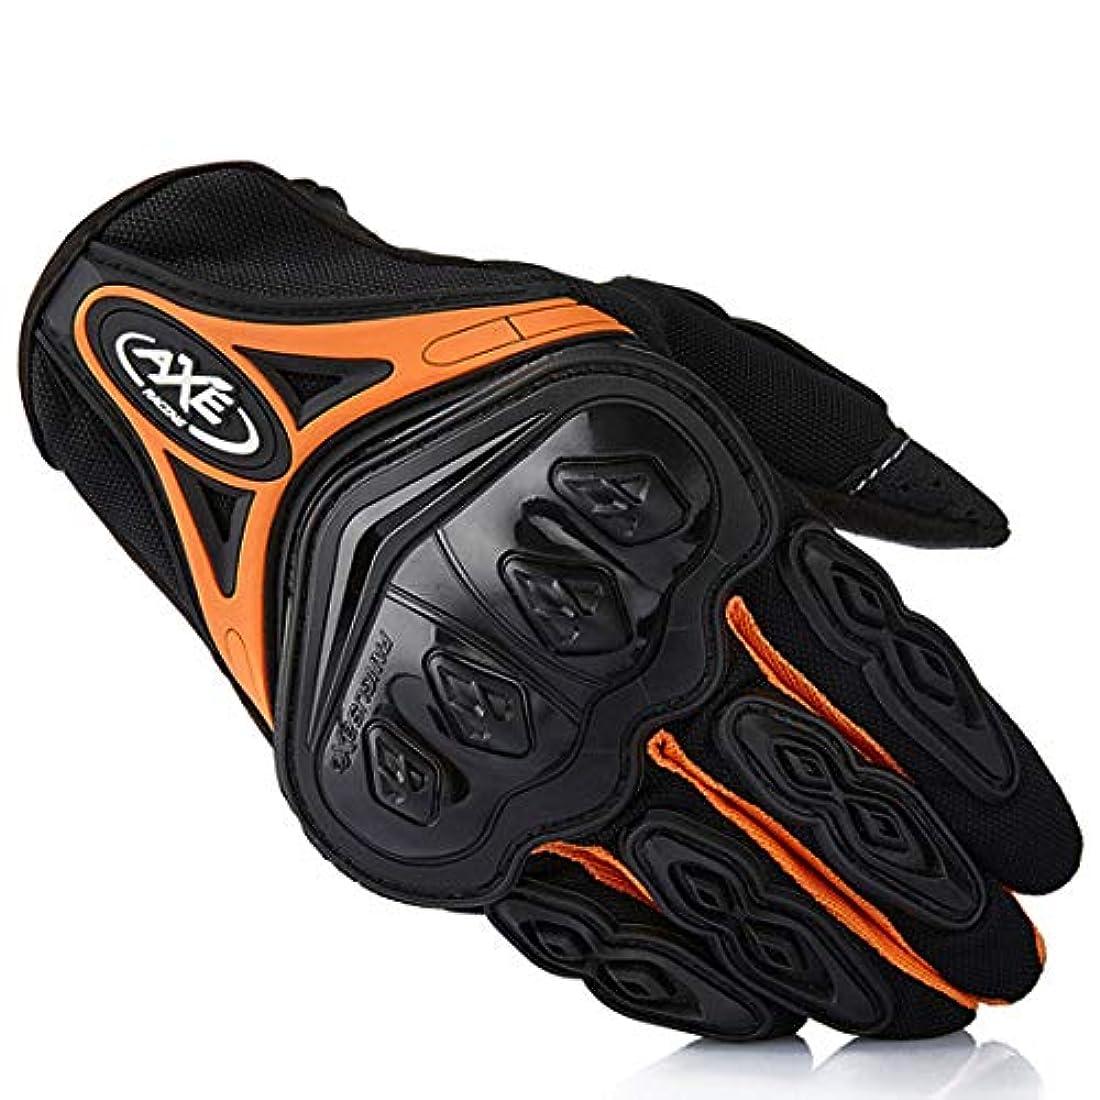 圧縮除外する母Keriya Sende 夏の屋外スポーツのオートバイの手袋通気性の耐衝撃性 (Color : オレンジ, サイズ : XL)